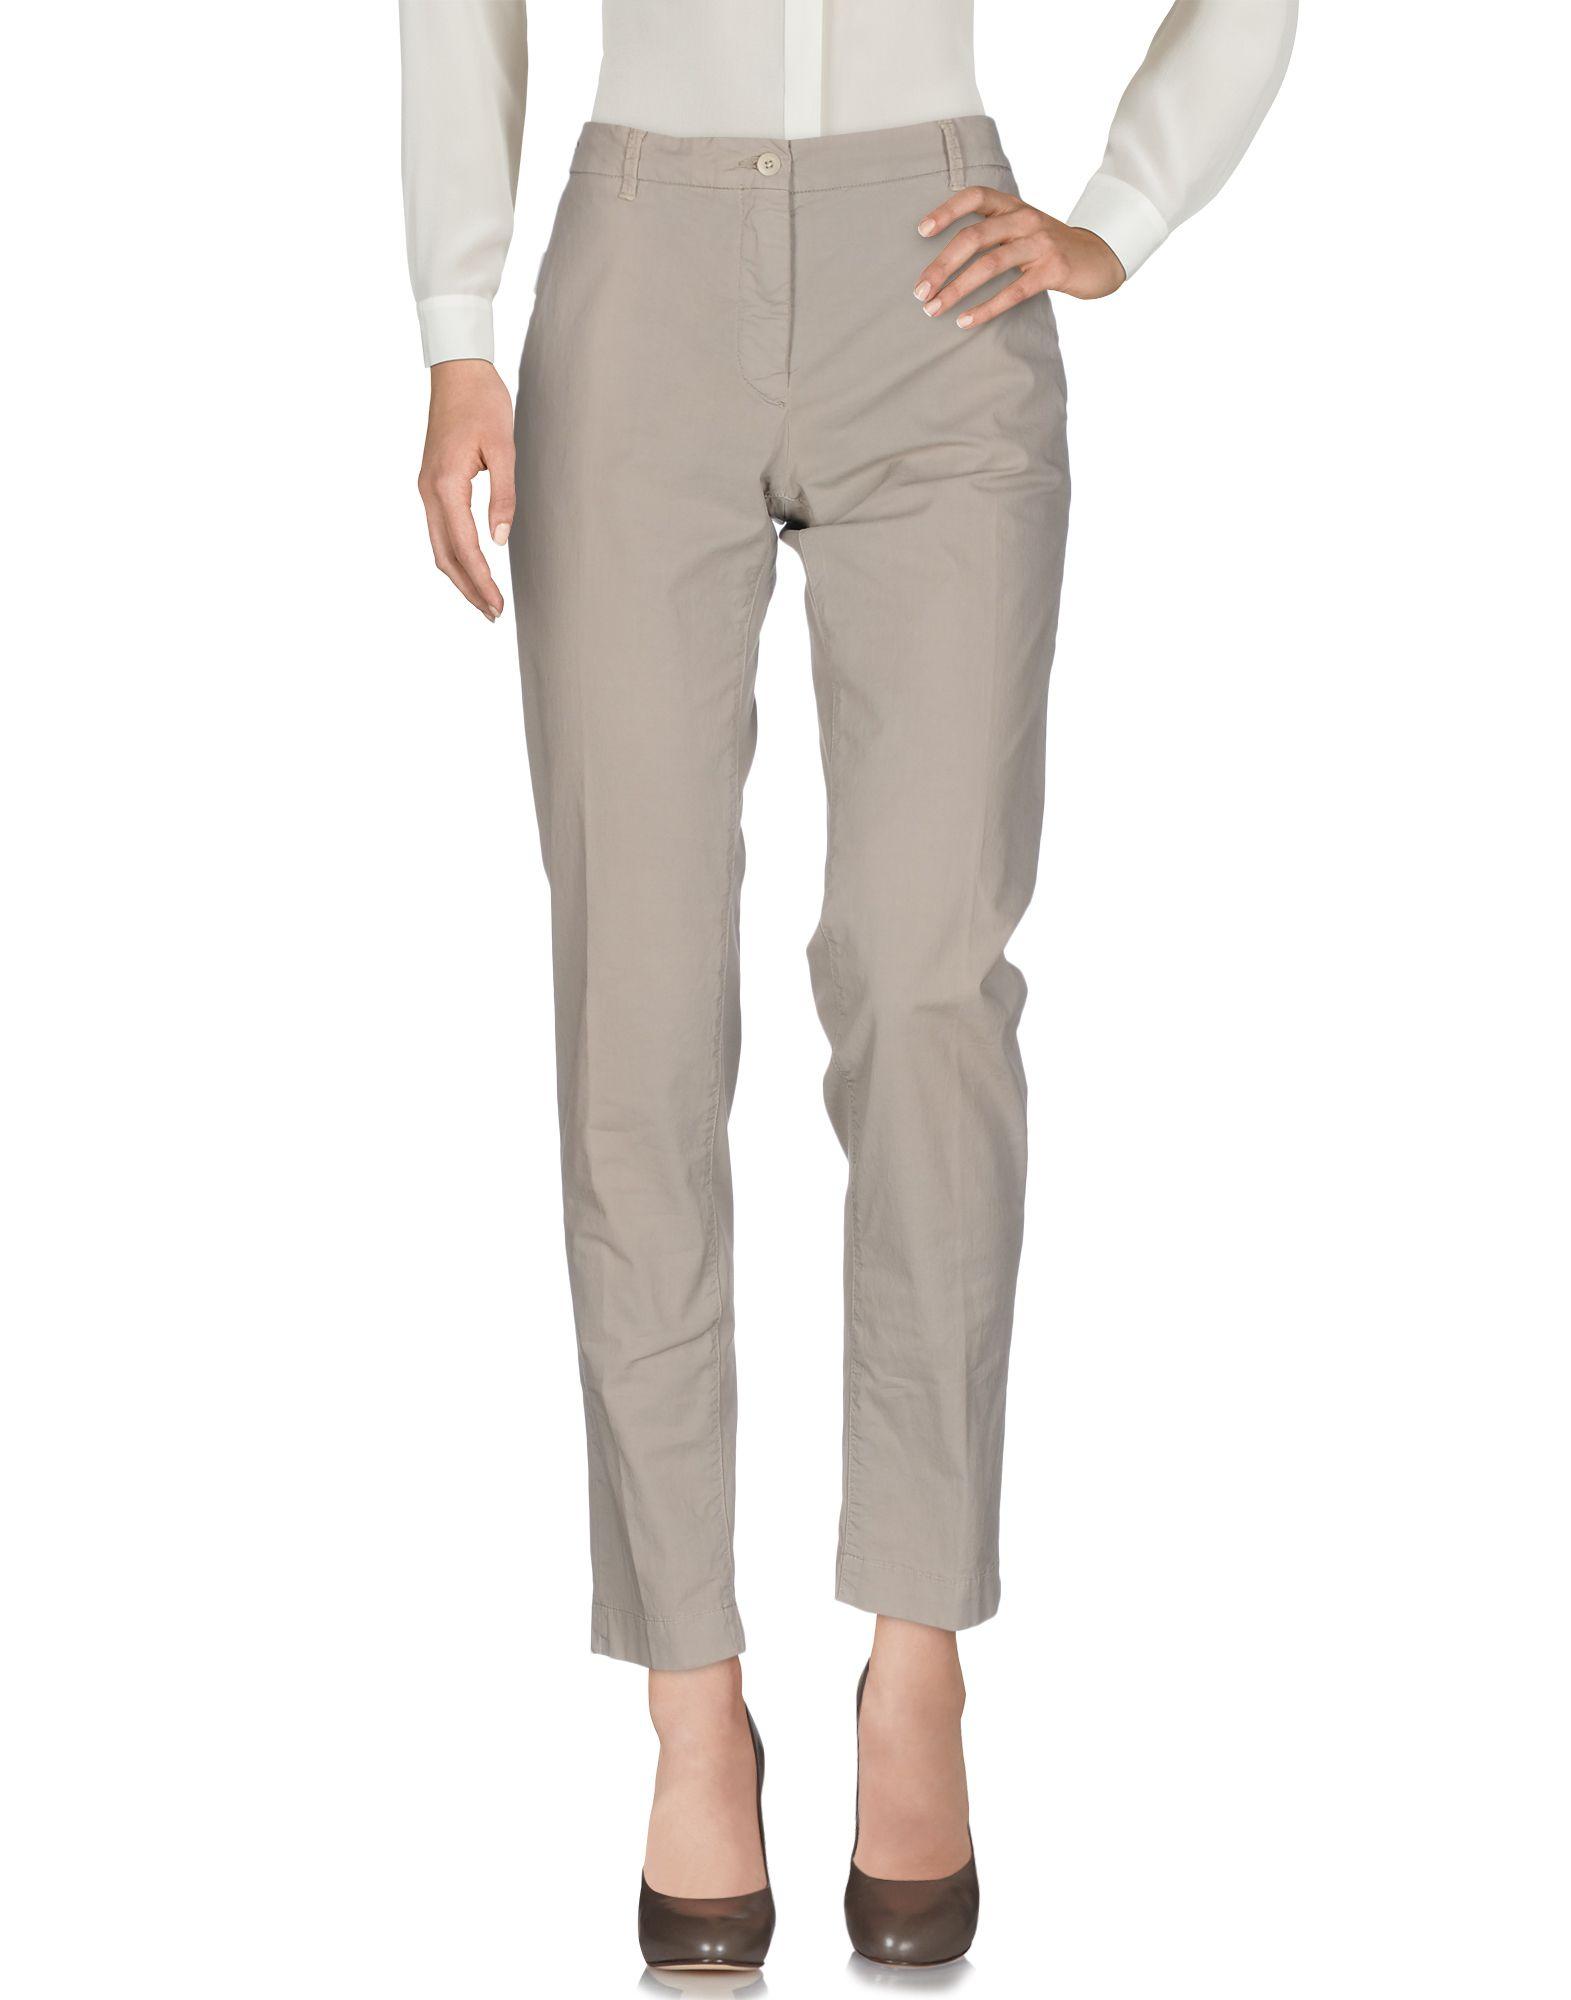 INCOTEX Damen Hose Farbe Beige Größe 11 - broschei